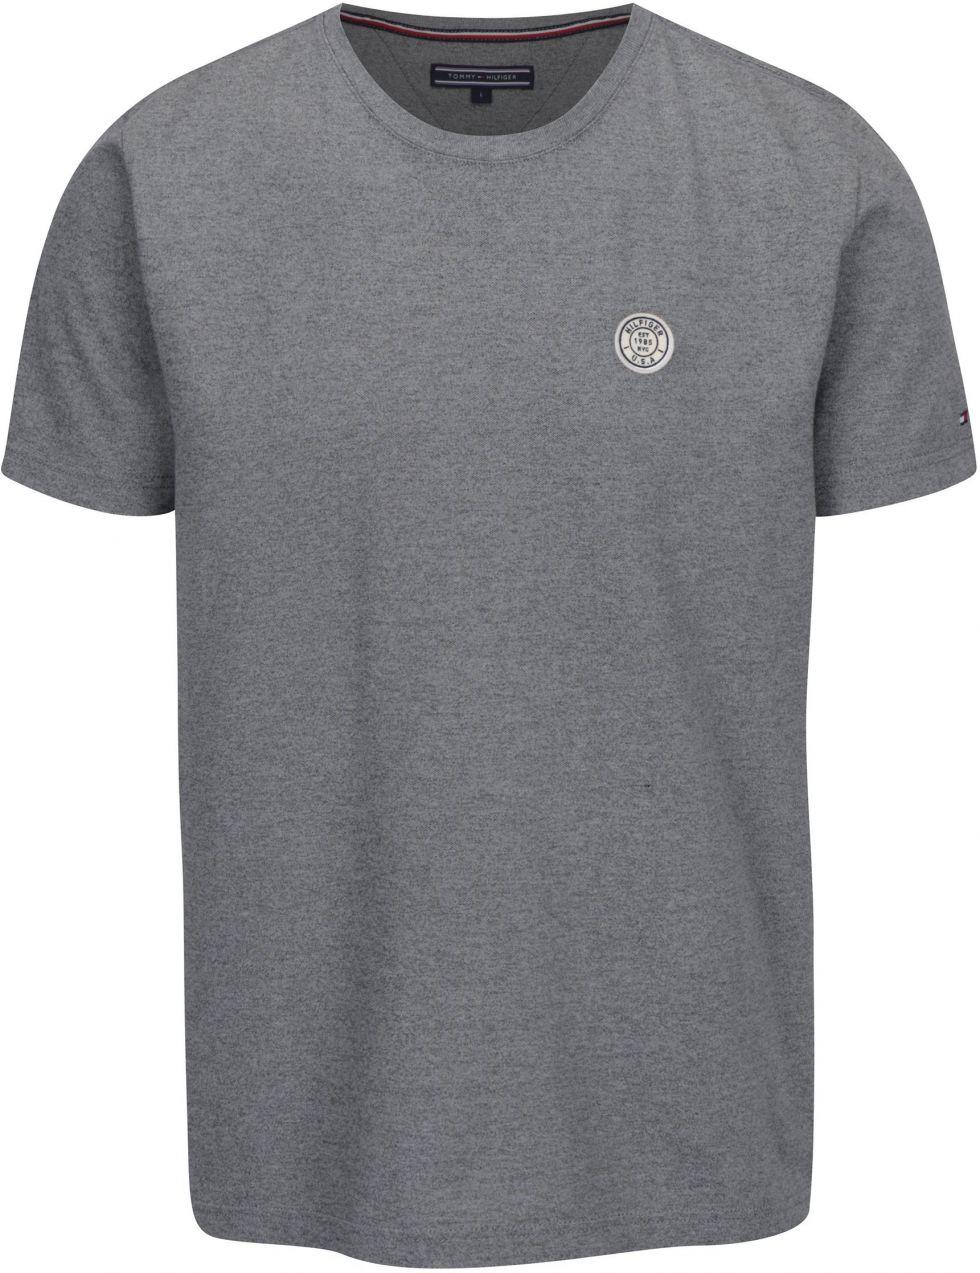 Sivé pánske melírované tričko s krátkym rukávom Tommy Hilfiger Pando značky Tommy  Hilfiger - Lovely.sk ef152ac1de6